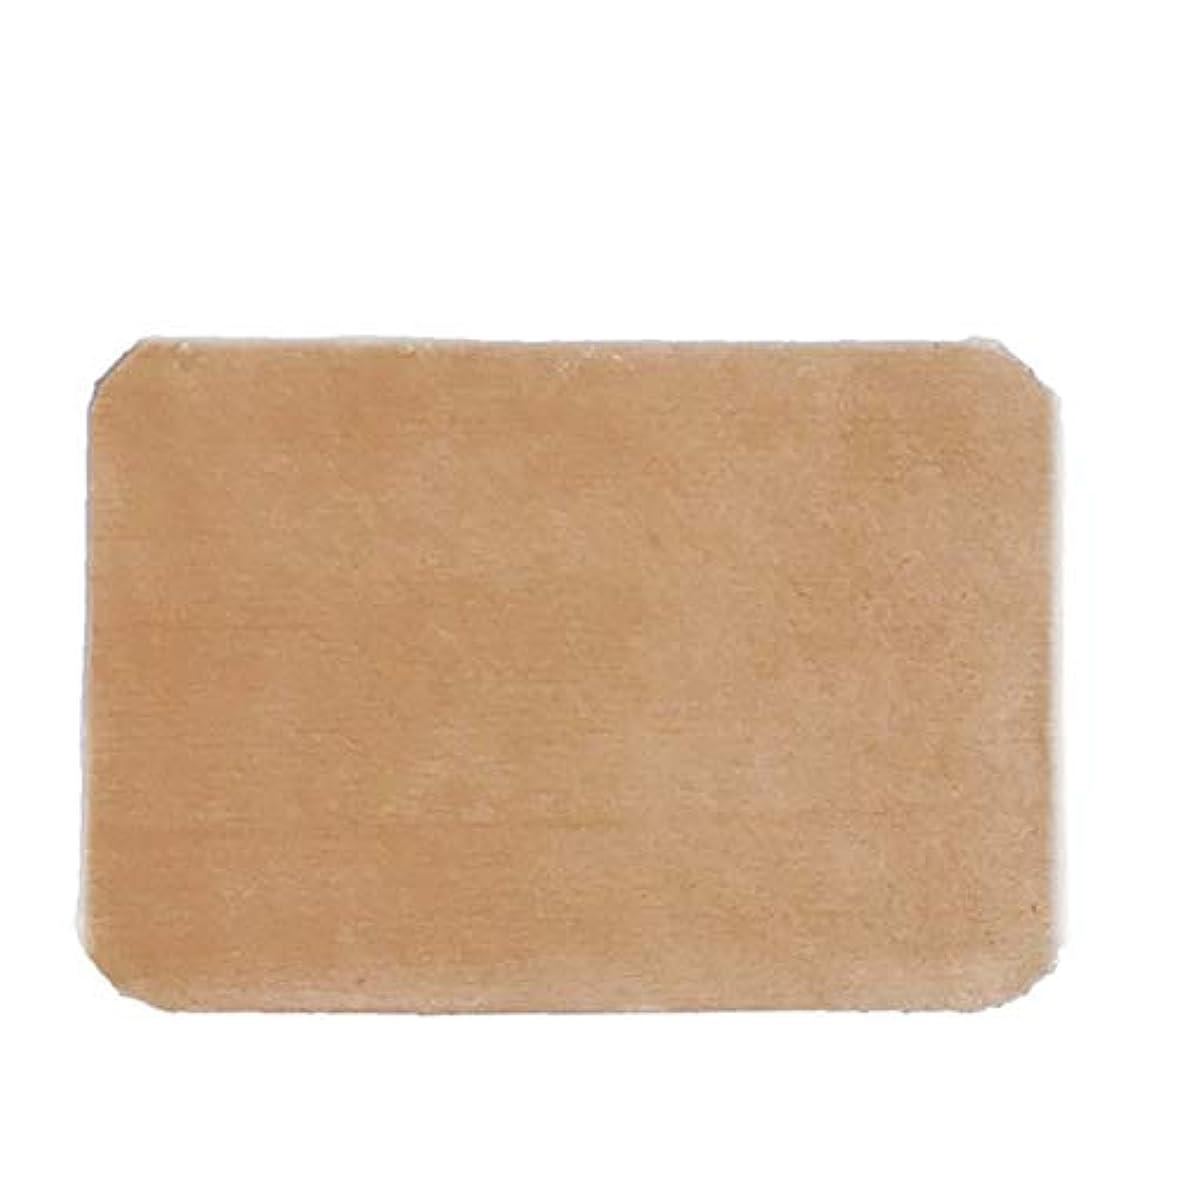 詳細なアグネスグレイ高尚なシリコーン傷跡ゲル離れてストリップ防水ペースト医療傷跡やけどシート傷跡治療皮膚傷跡治療パッチremovel傷跡 - 皮膚